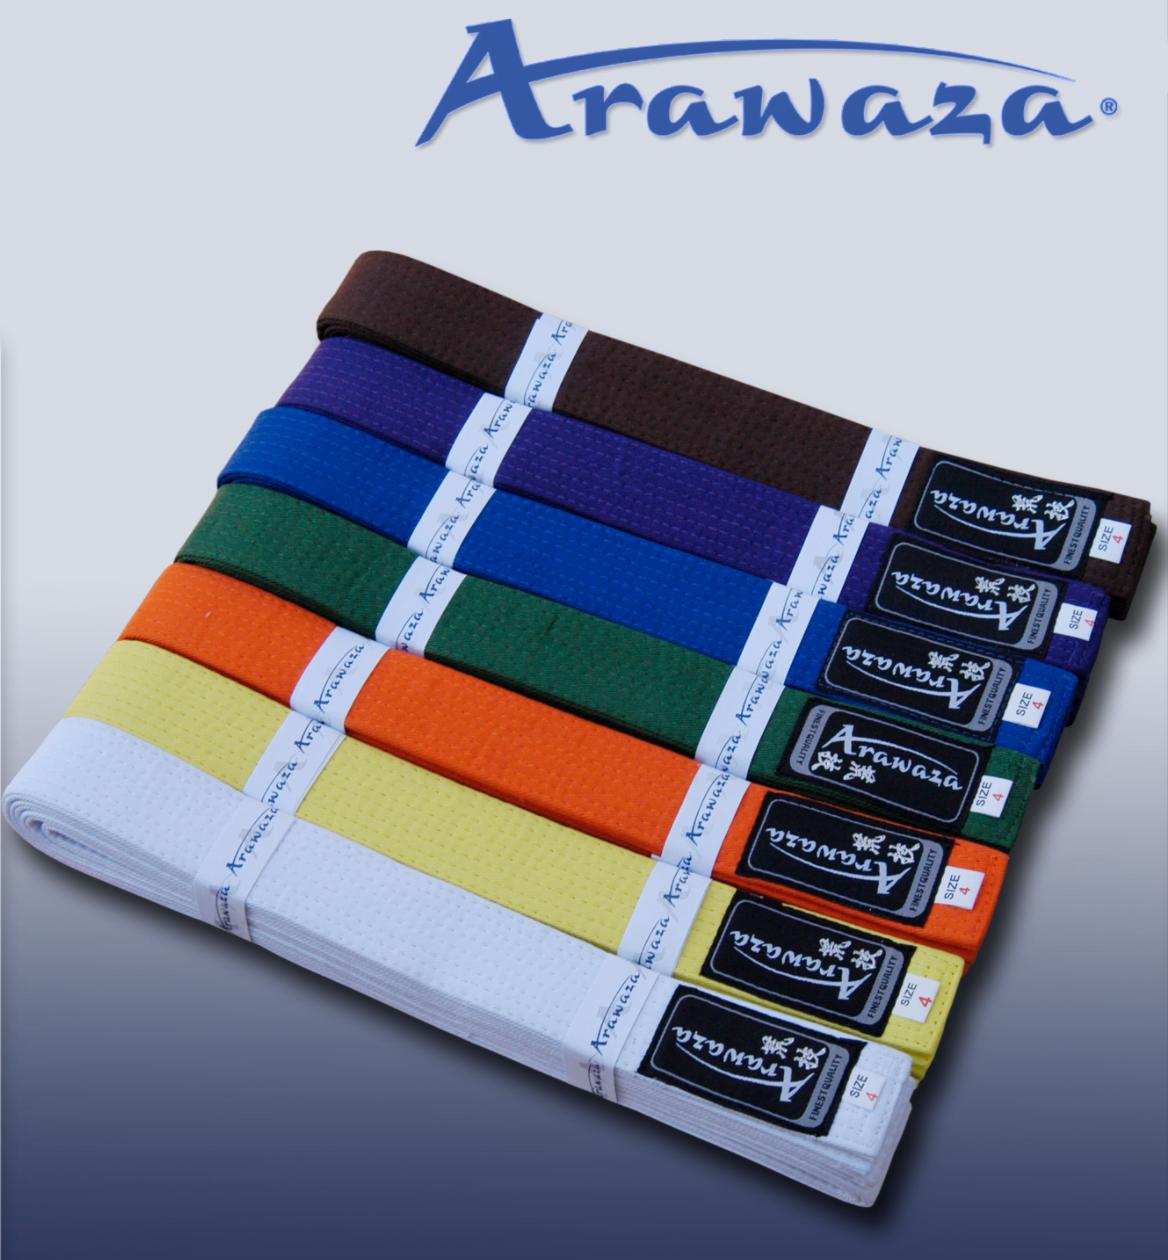 Ceinture de Karate de Couleur ARAWAZA Coton piqué   En vente sur ... d19047b3ca3